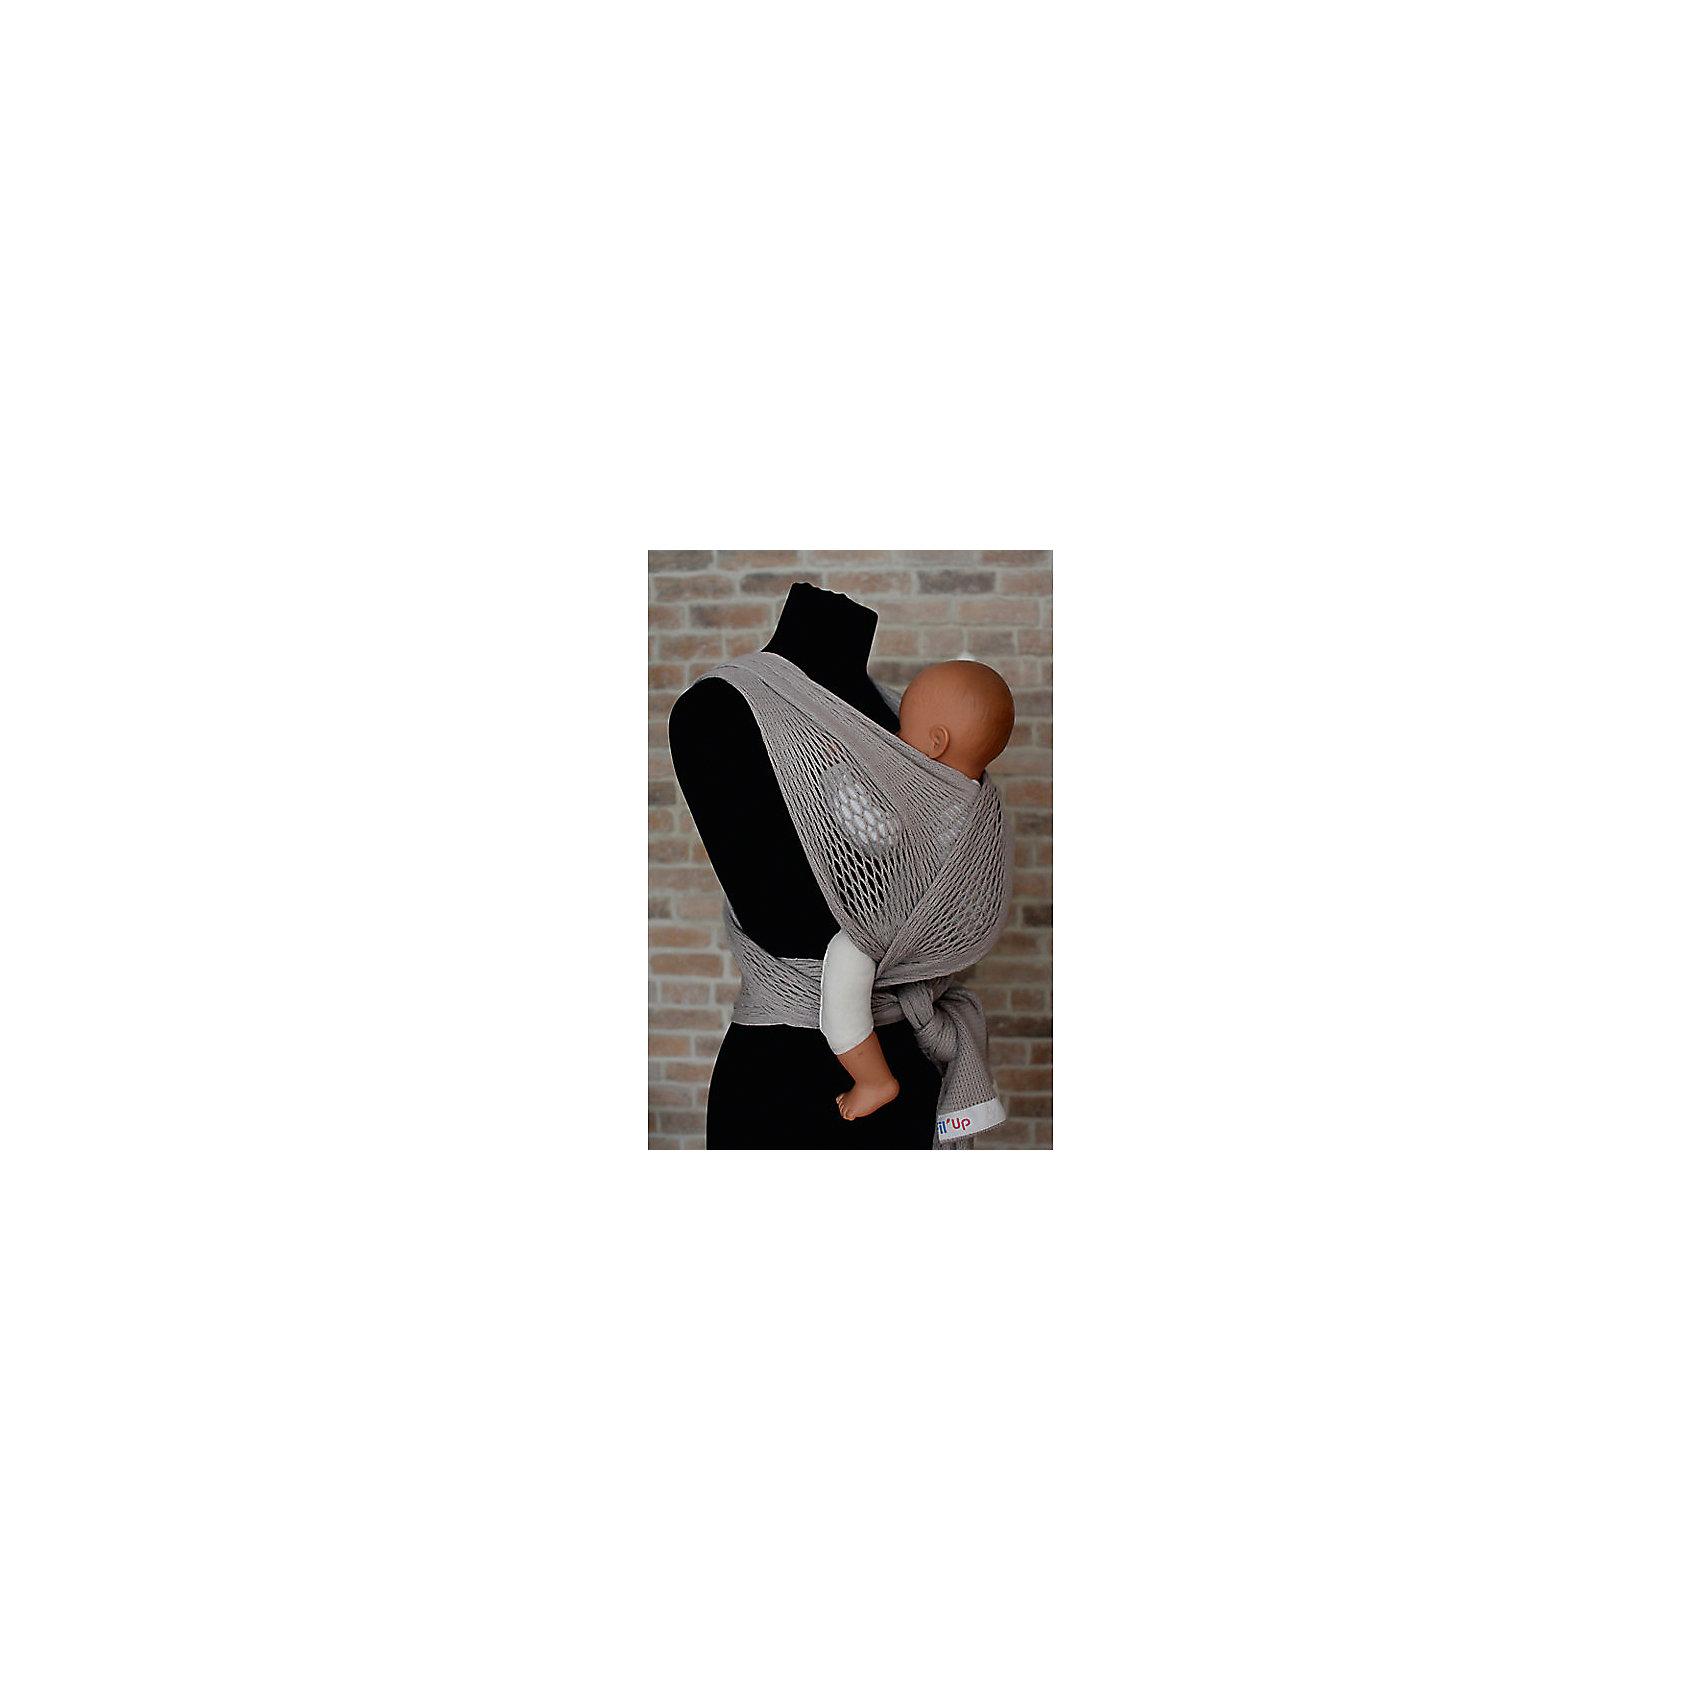 Слинг-шарф из хлопка плетеный размер s-m, Филап, Filt, серыйСлинги и рюкзаки-переноски<br><br><br>Ширина мм: 800<br>Глубина мм: 800<br>Высота мм: 50<br>Вес г: 500<br>Возраст от месяцев: 0<br>Возраст до месяцев: 12<br>Пол: Унисекс<br>Возраст: Детский<br>SKU: 5445102